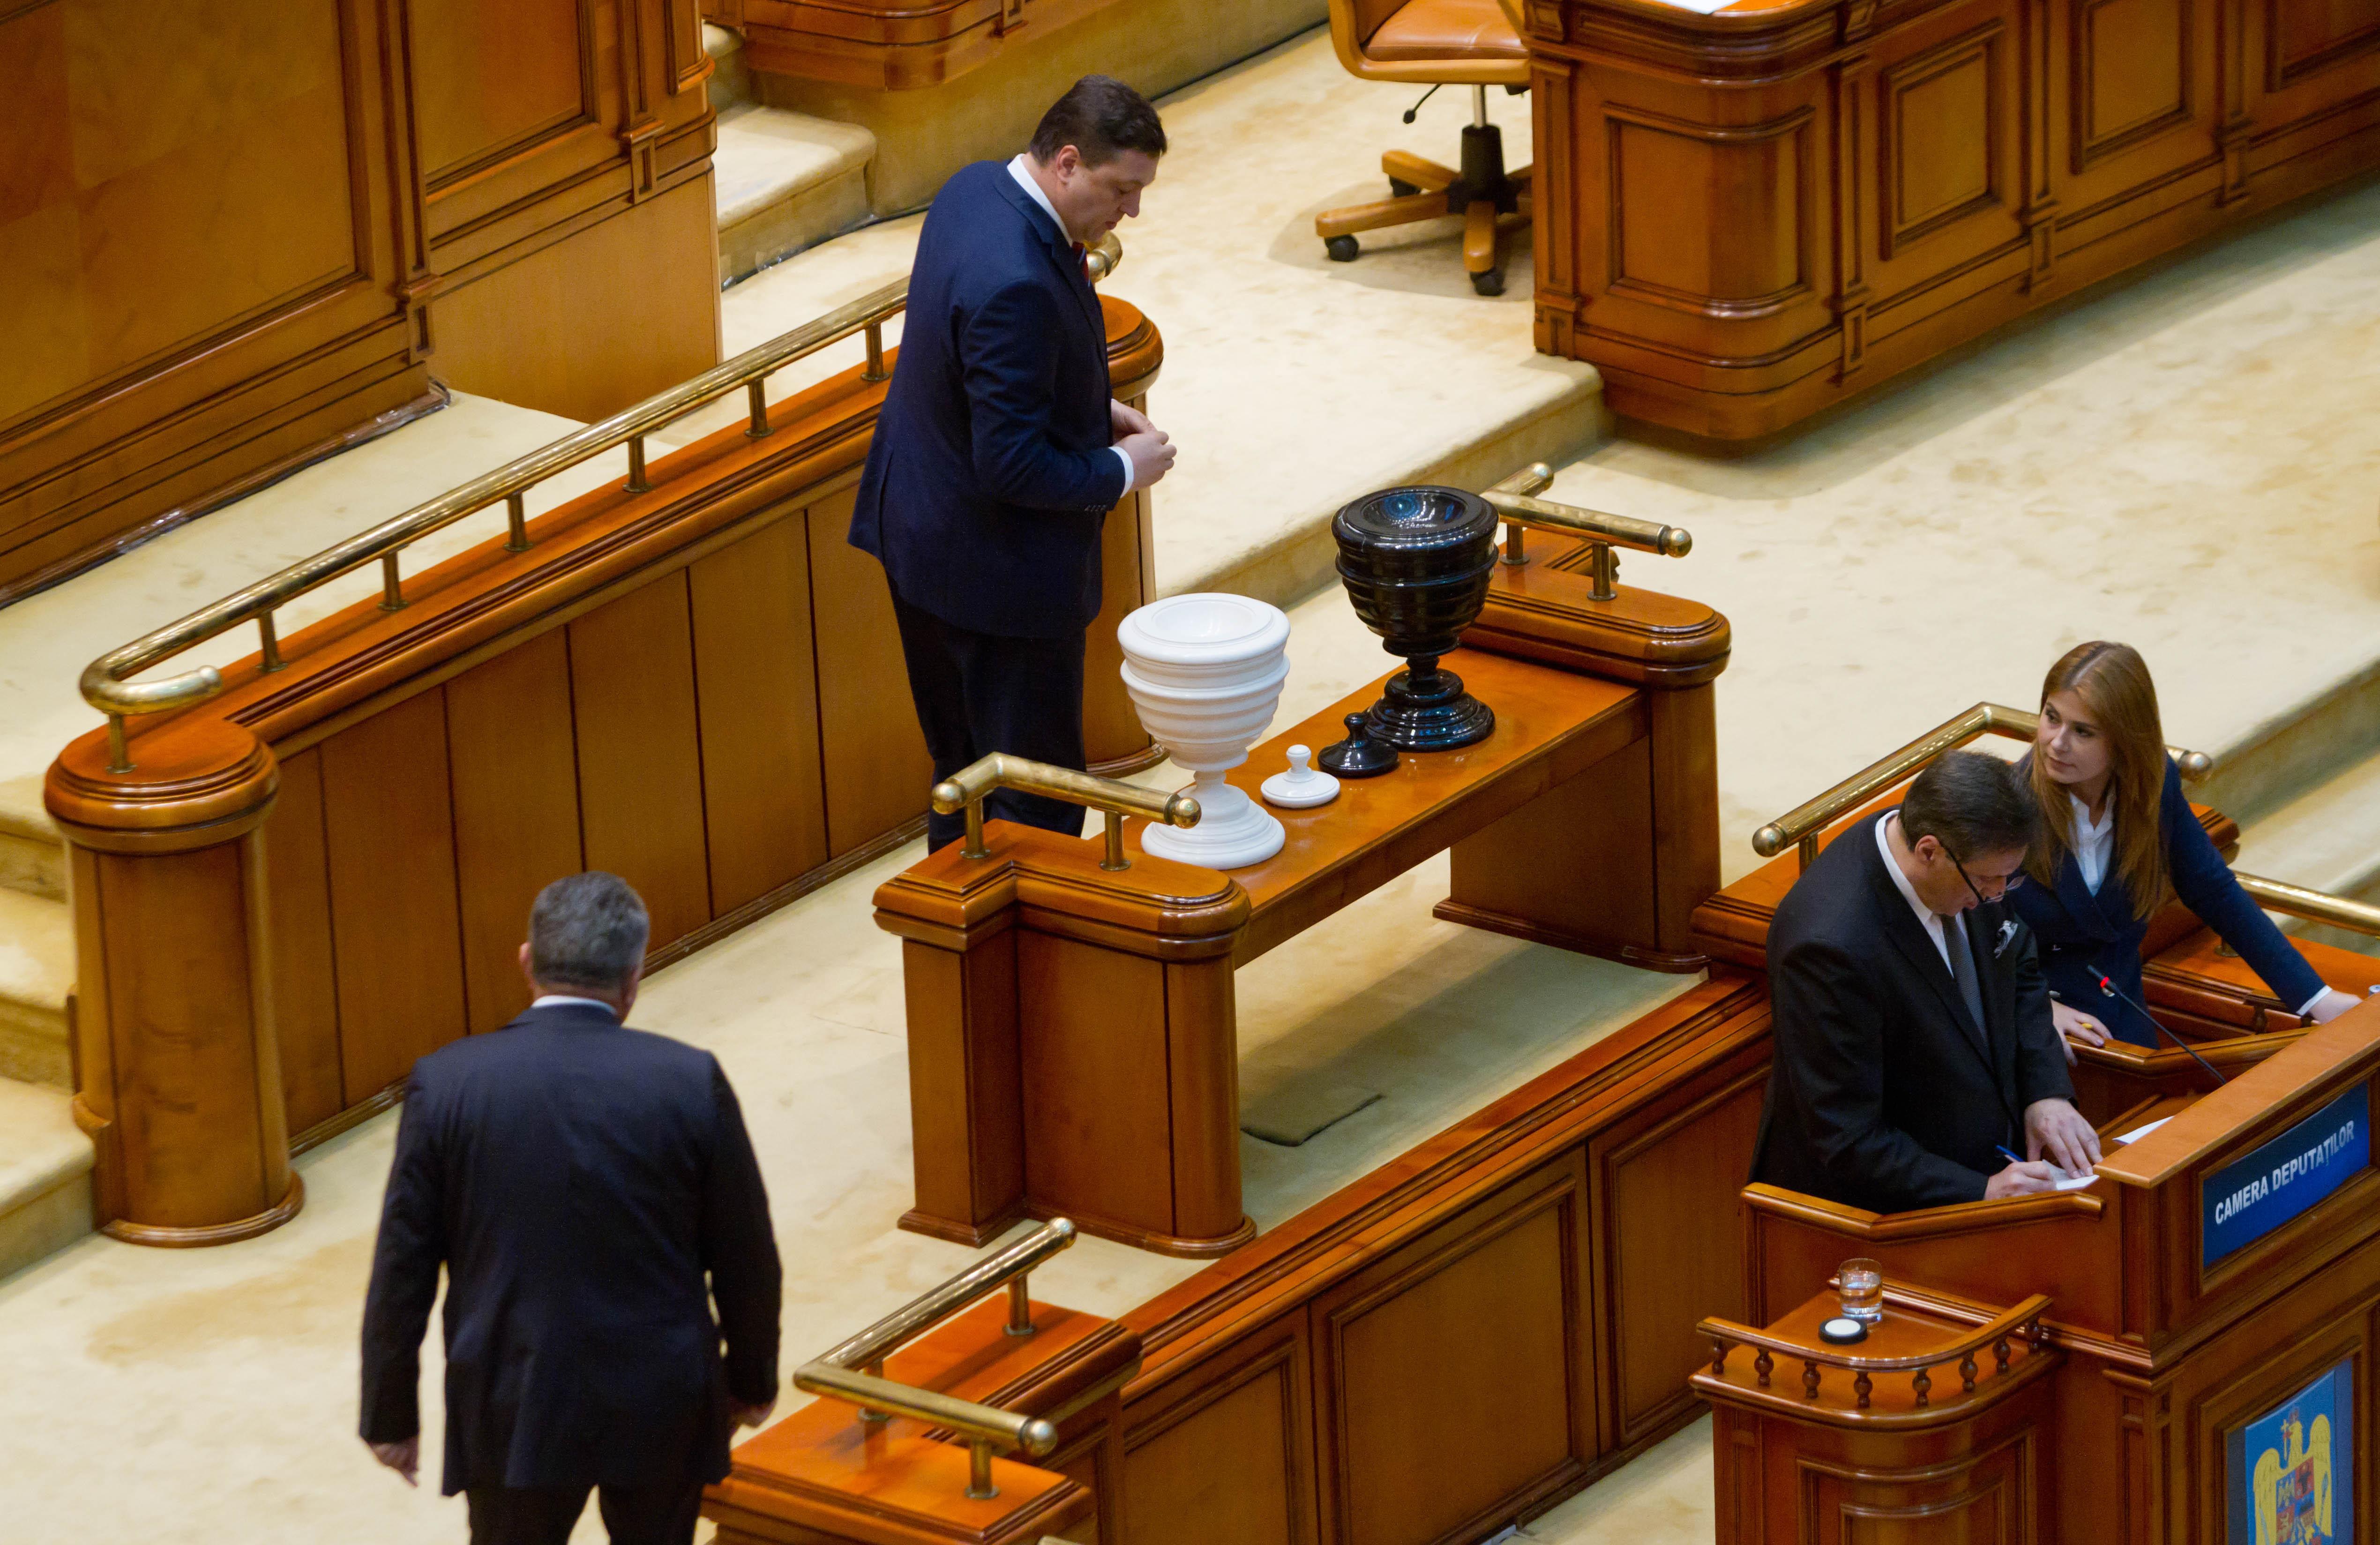 PNL şi USR vor iniţia împreună moţiunea de cenzură împotriva guvernului Tudose/ UDMR discută şi va decide dacă susţine sau nu demersul